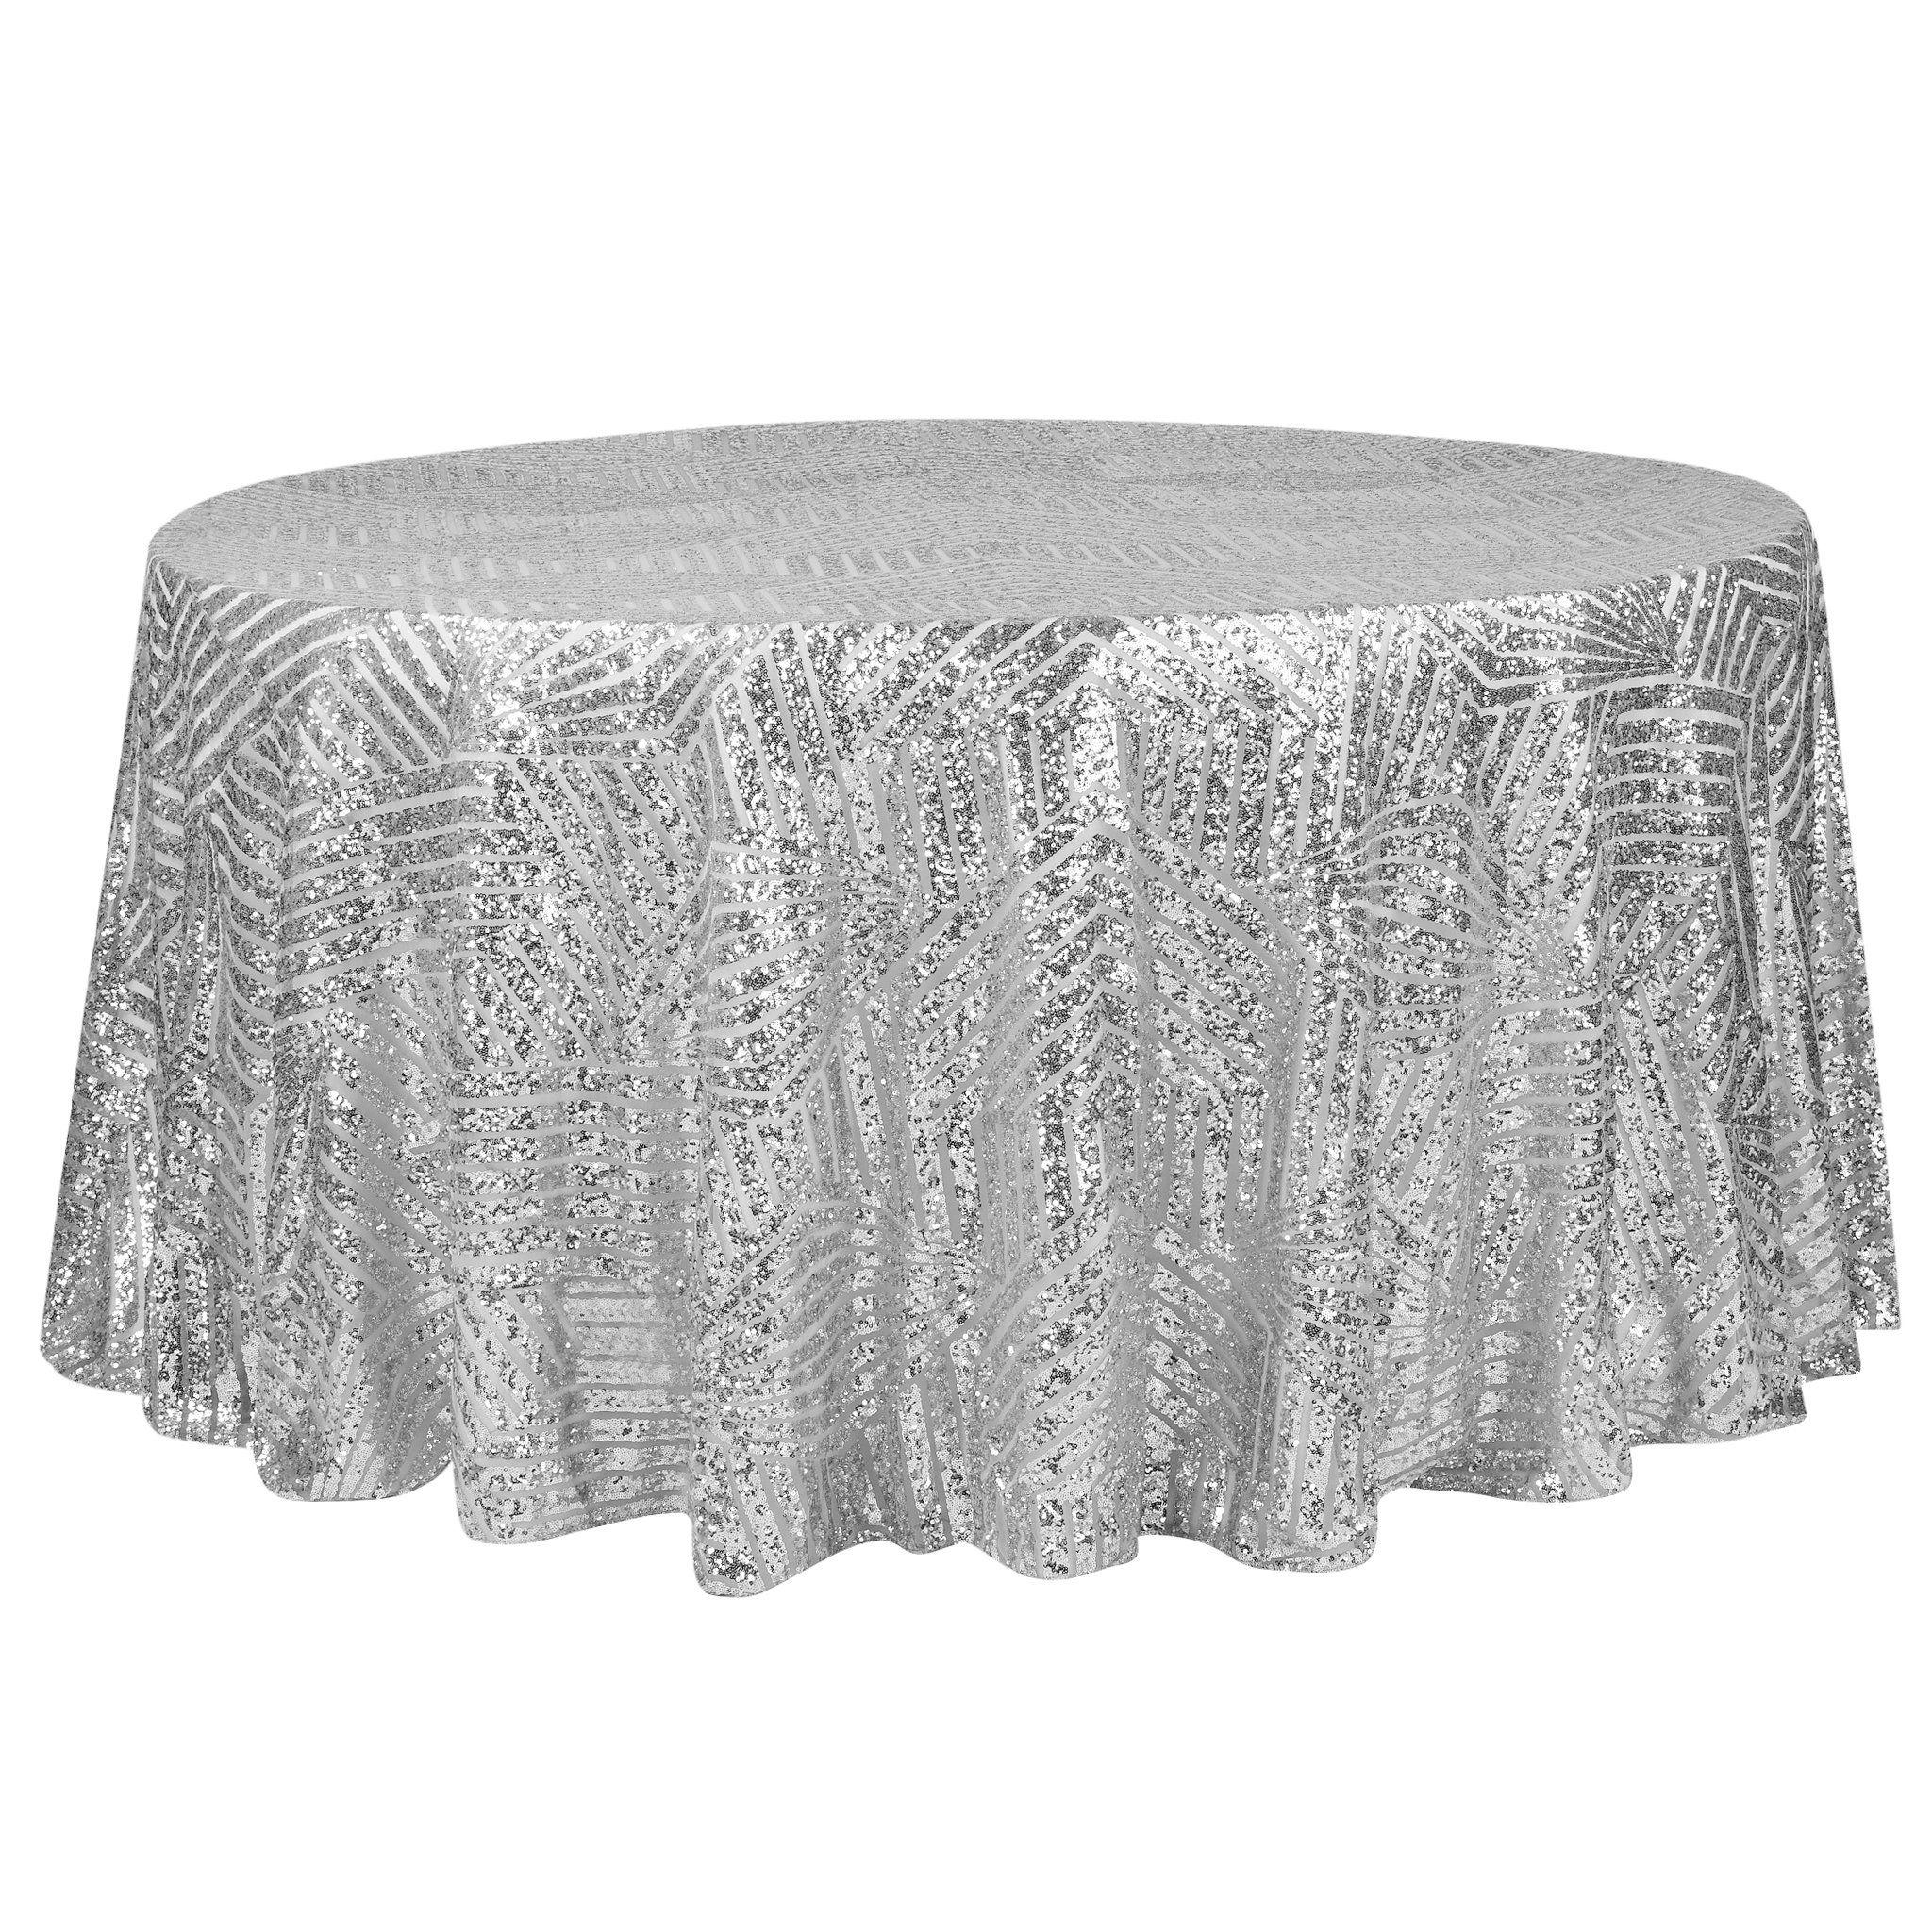 Geometric Glitz Art Deco Sequin Tablecloth 120 Round Silver Cv